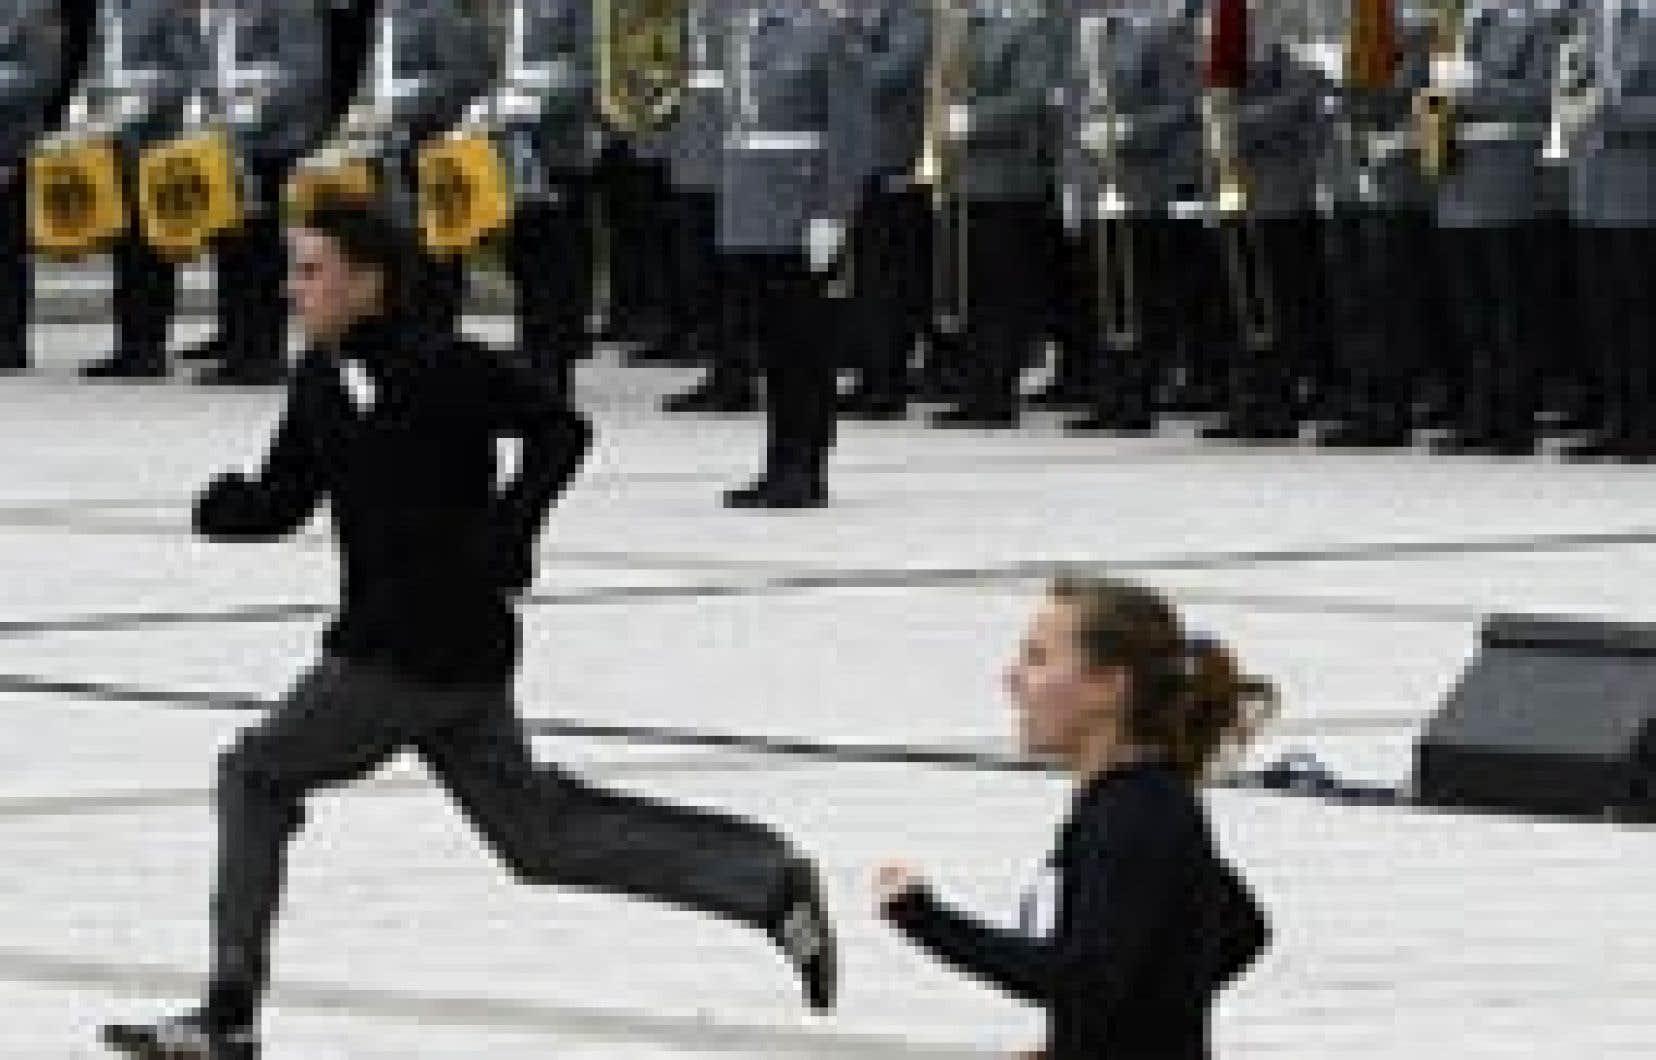 Des manifestants ont perturbé hier une cérémonie d'assermentation de recrues de l'armée allemande à Berlin.